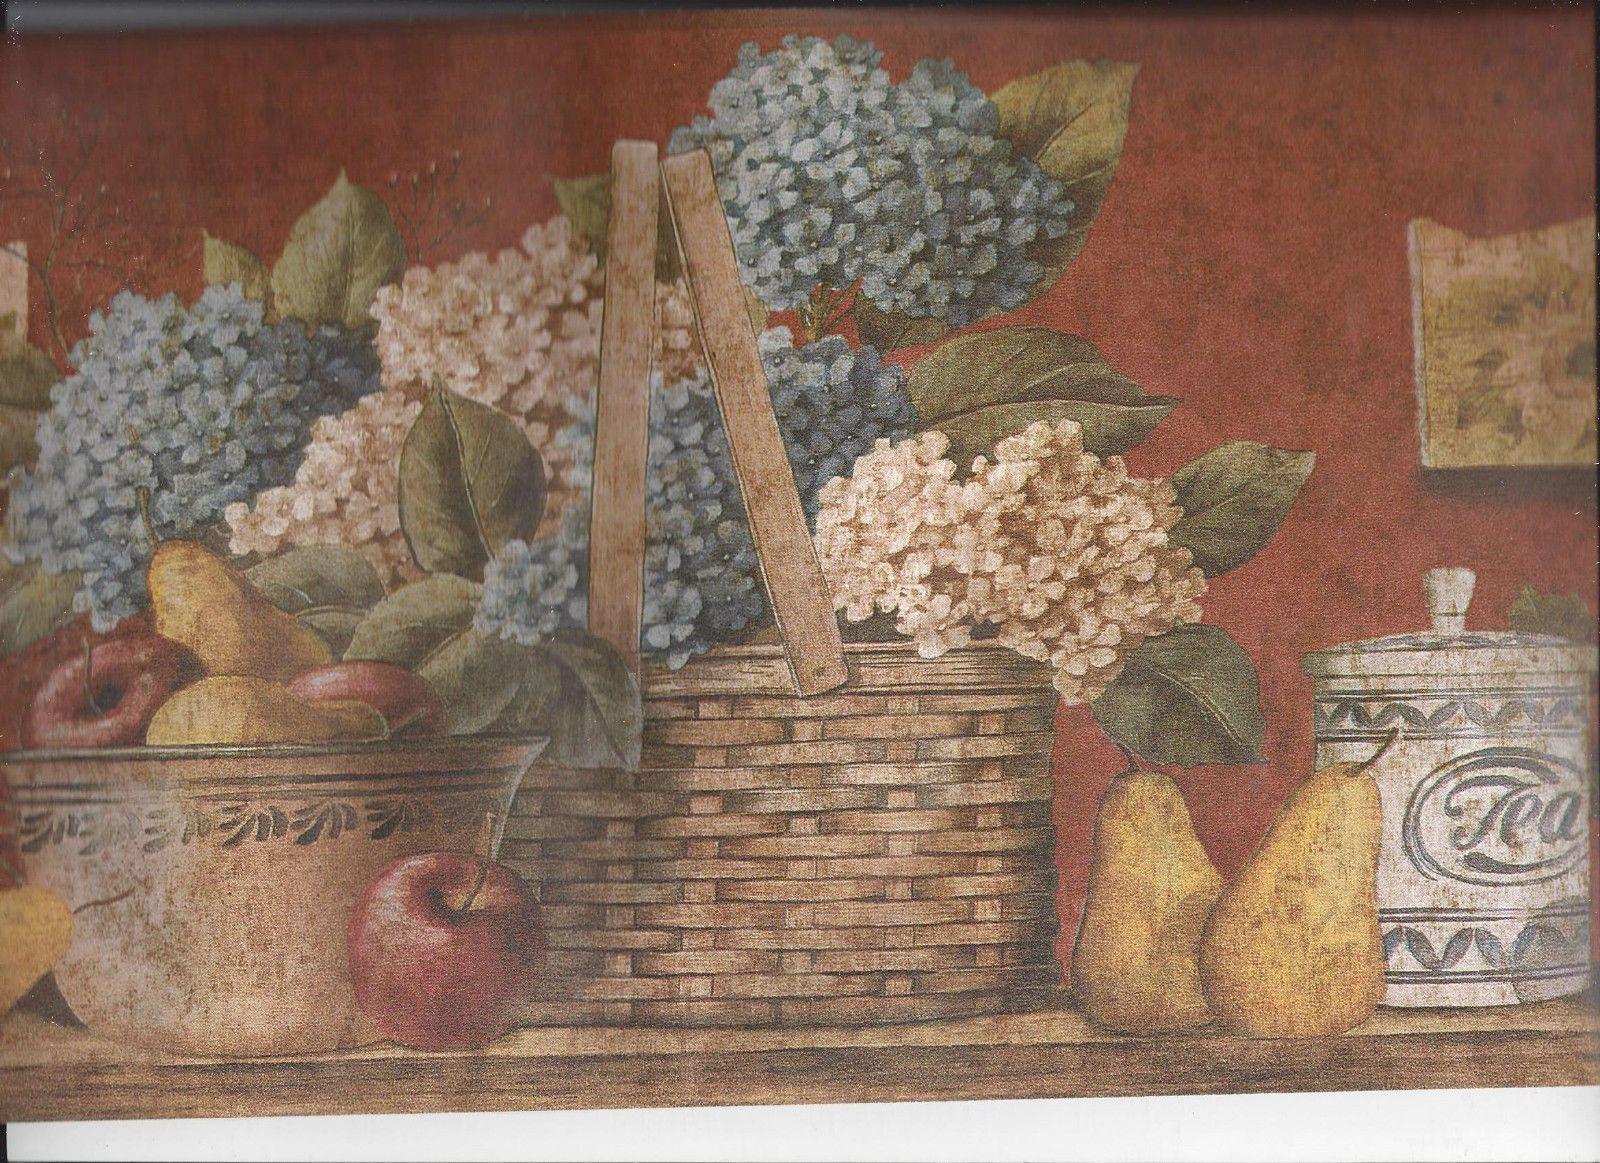 Details over KITCHEN BASKET FRUIT FLOWERS POTTERY